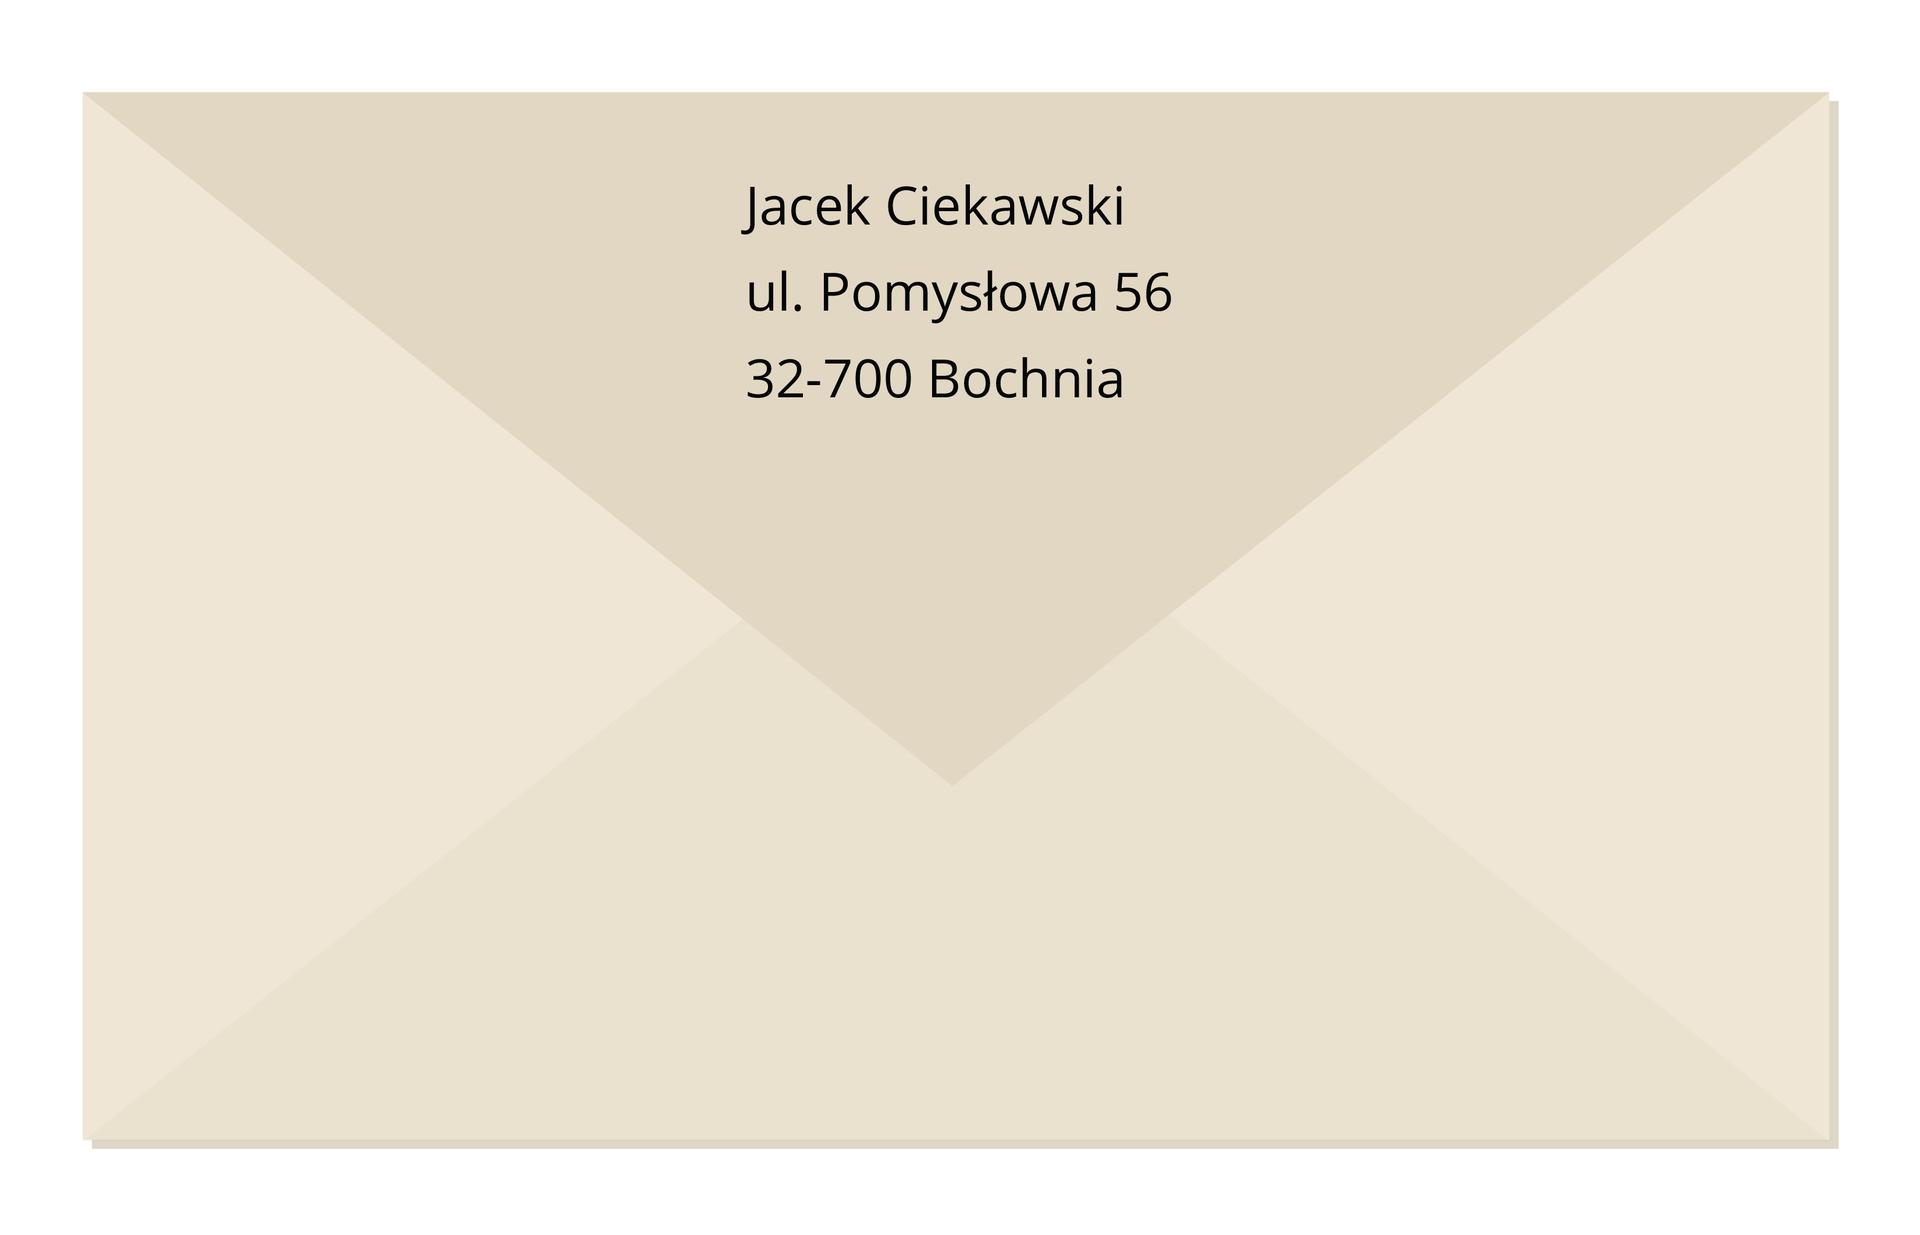 adres nadawcy przod Źródło: Contentplus.pl sp. zo.o., licencja: CC BY 3.0.